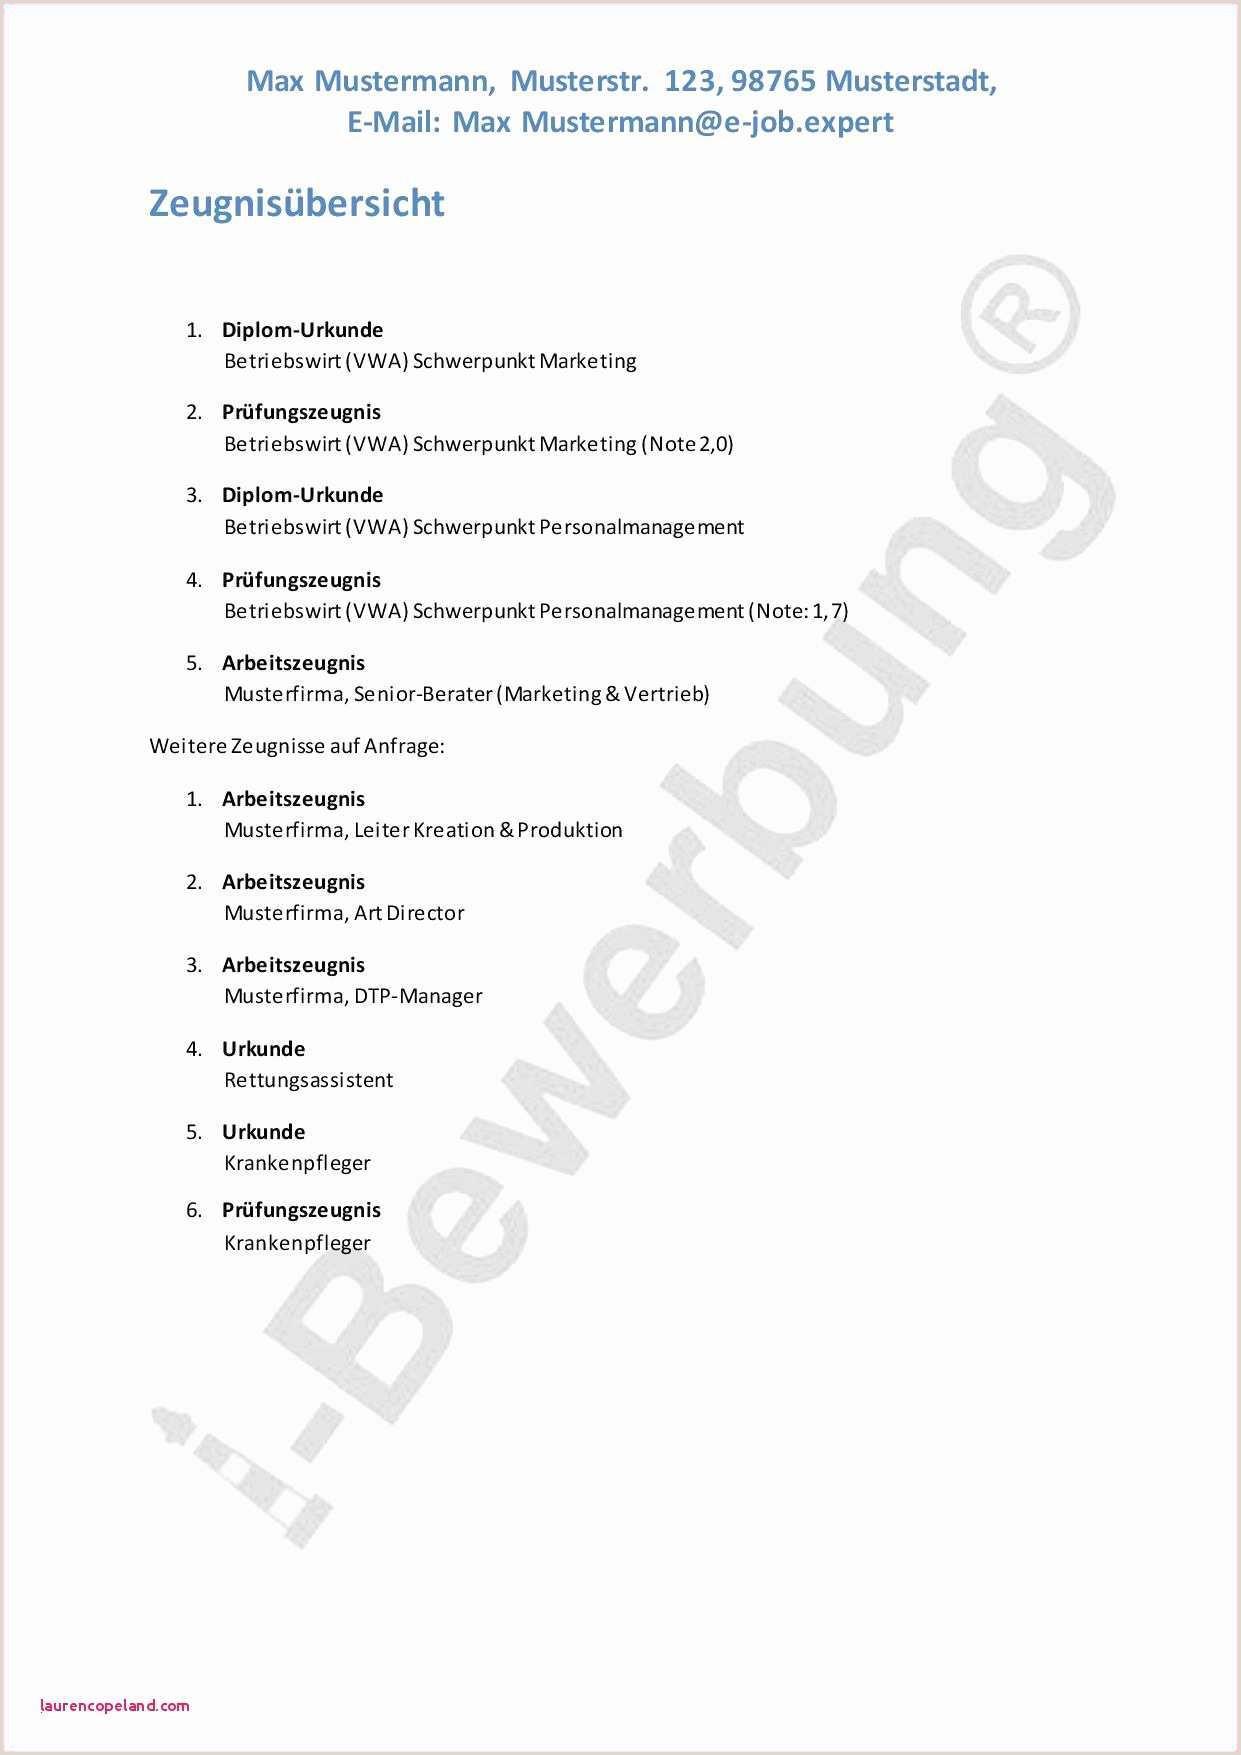 Lebenslauf Vorlage Kopieren 13 Tabellarischer Lebenslauf